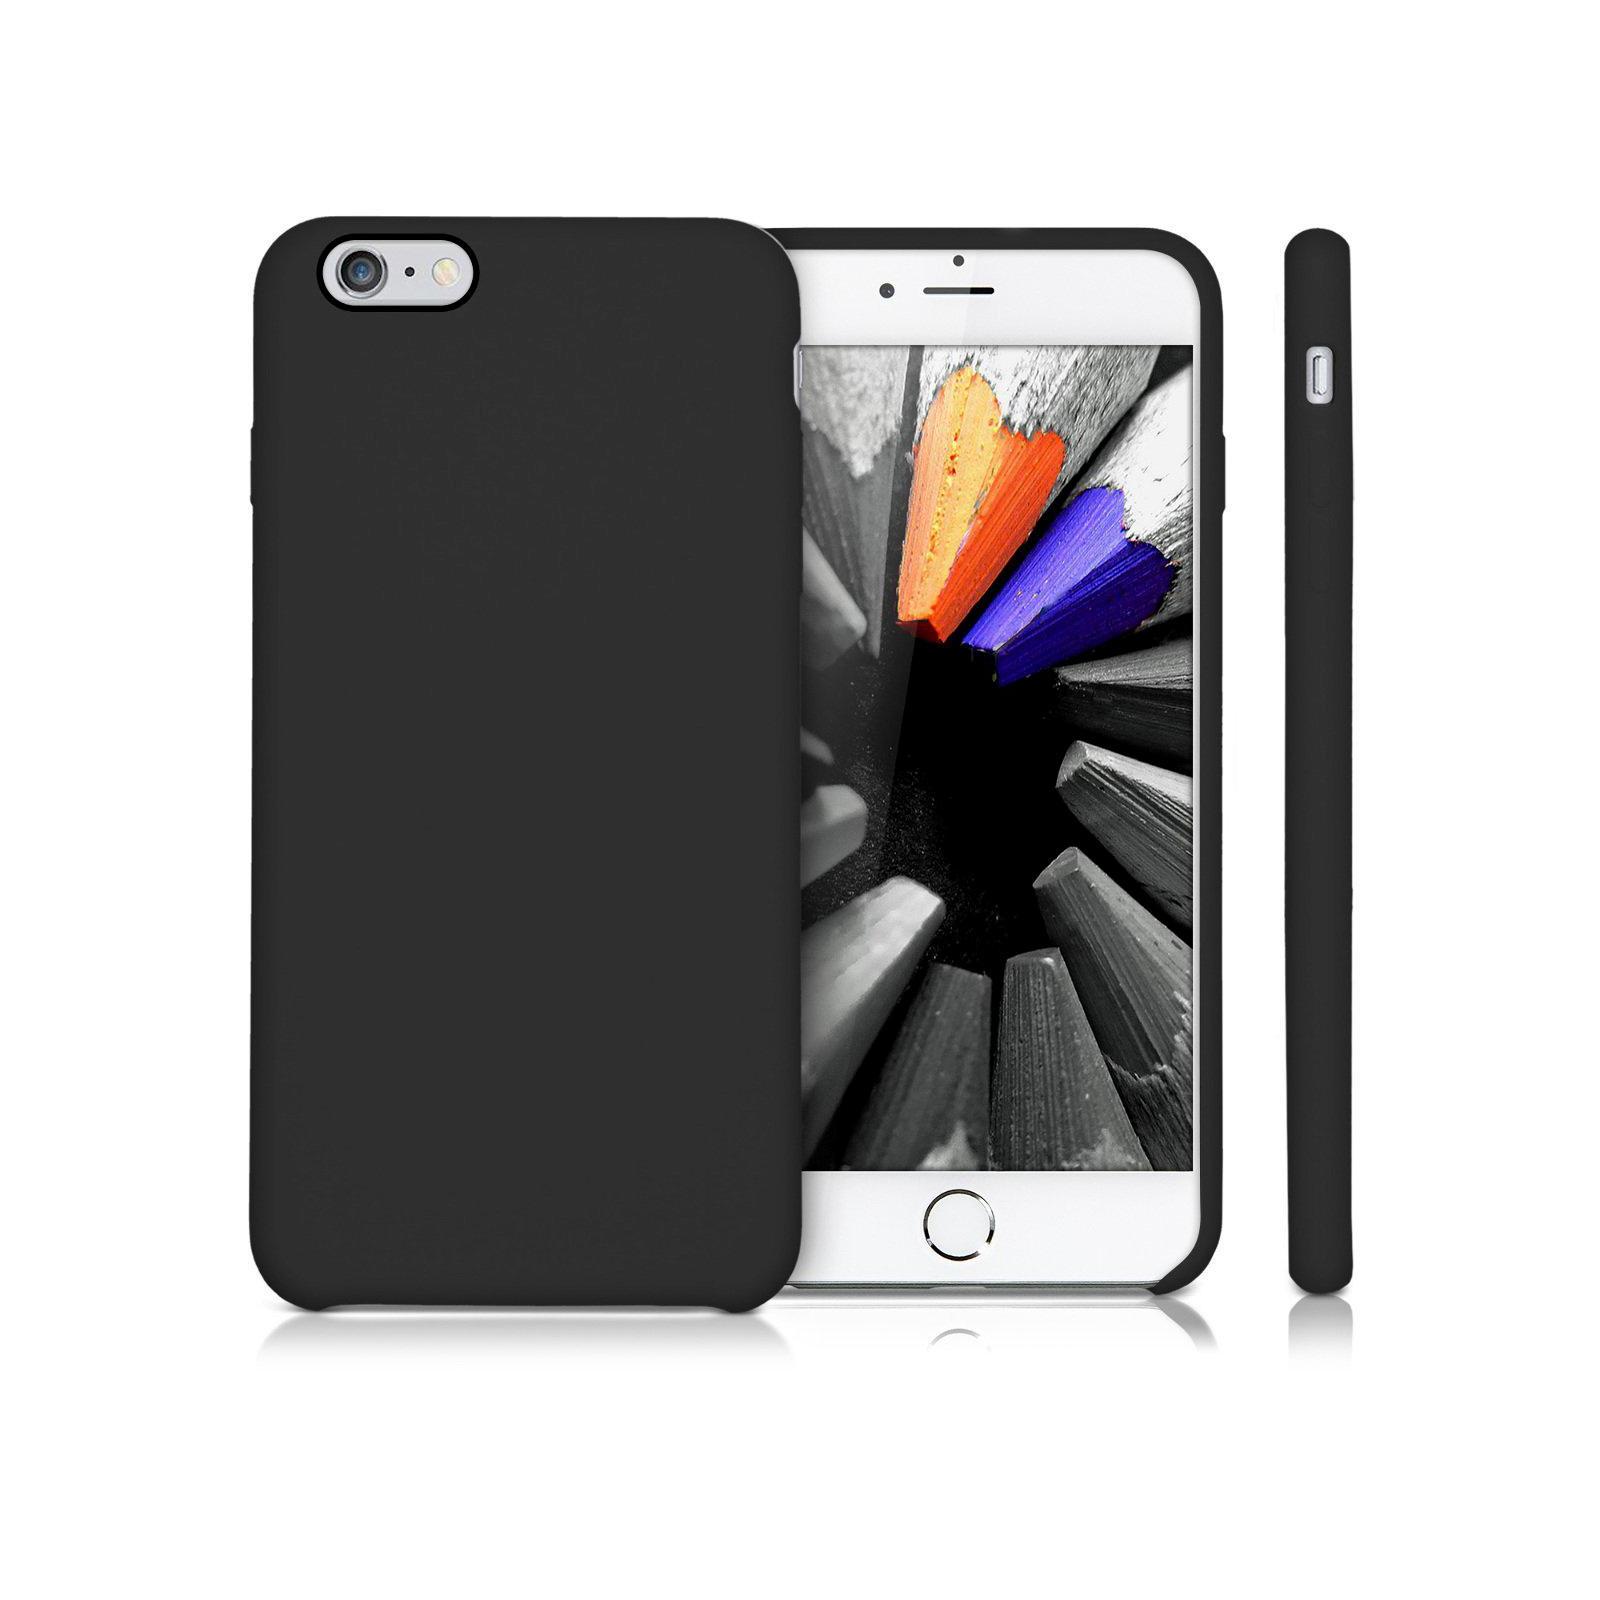 Чехол для моб. телефона Laudtec для iPhone 6/6s liquid case (black) (LT-I6LC) изображение 6